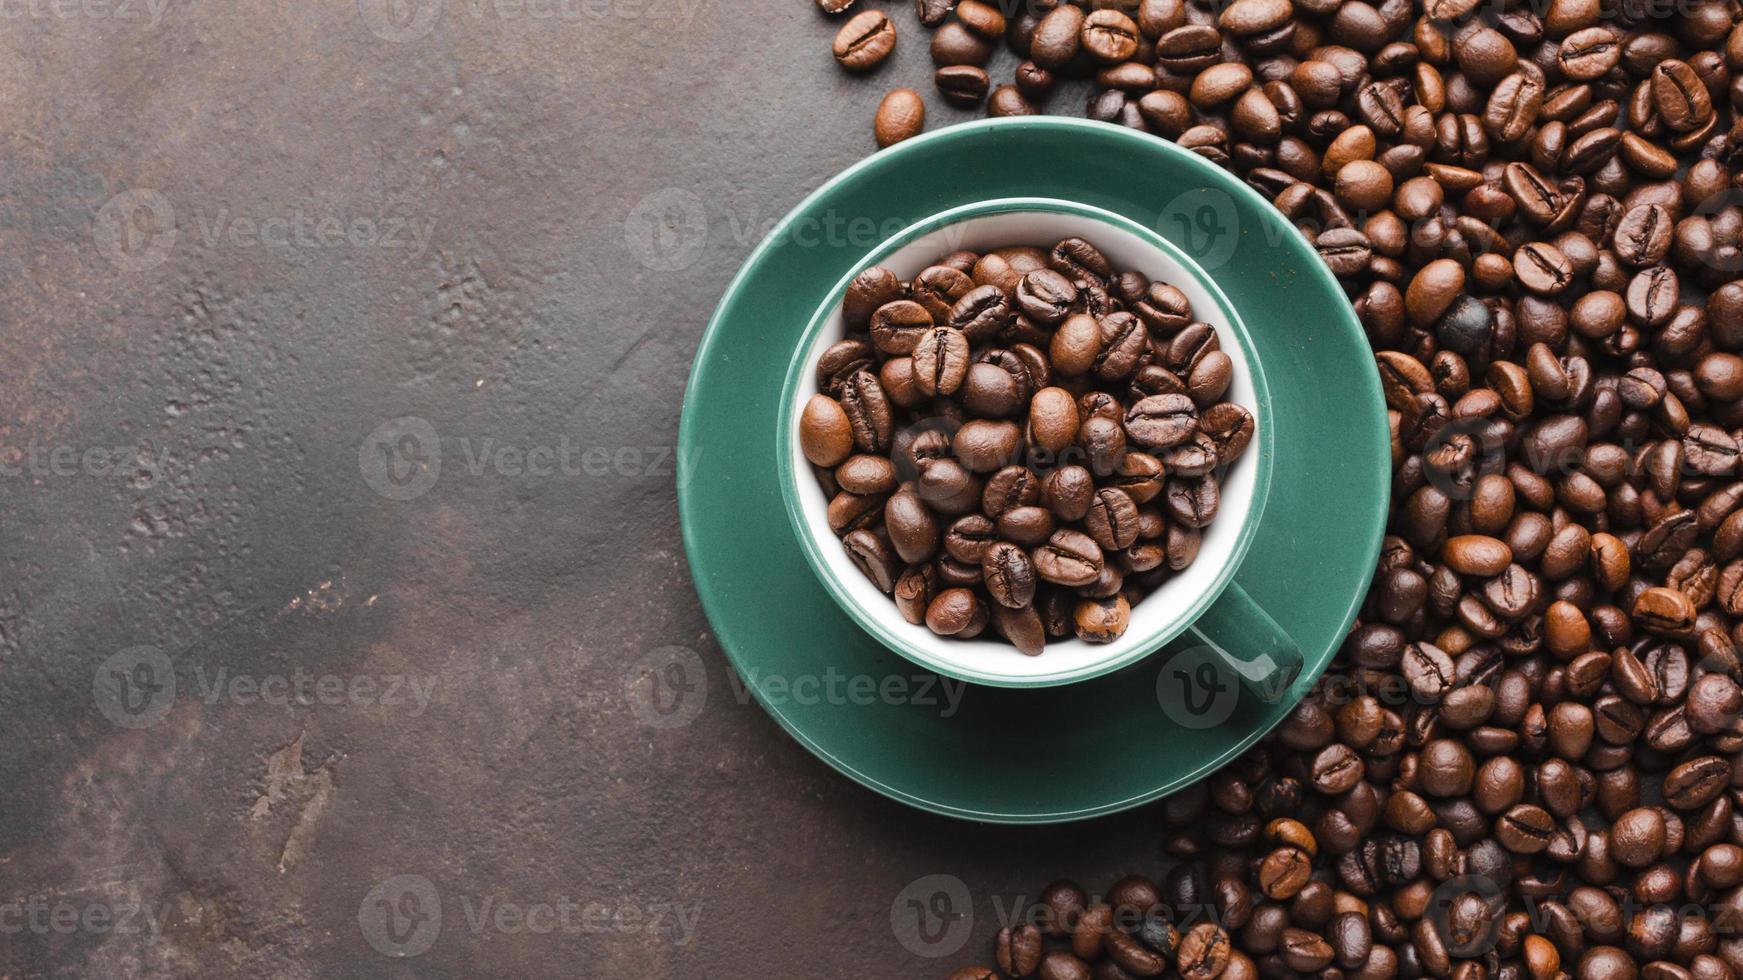 tazza piena di chicchi di caffè biologico su sfondo scuro foto